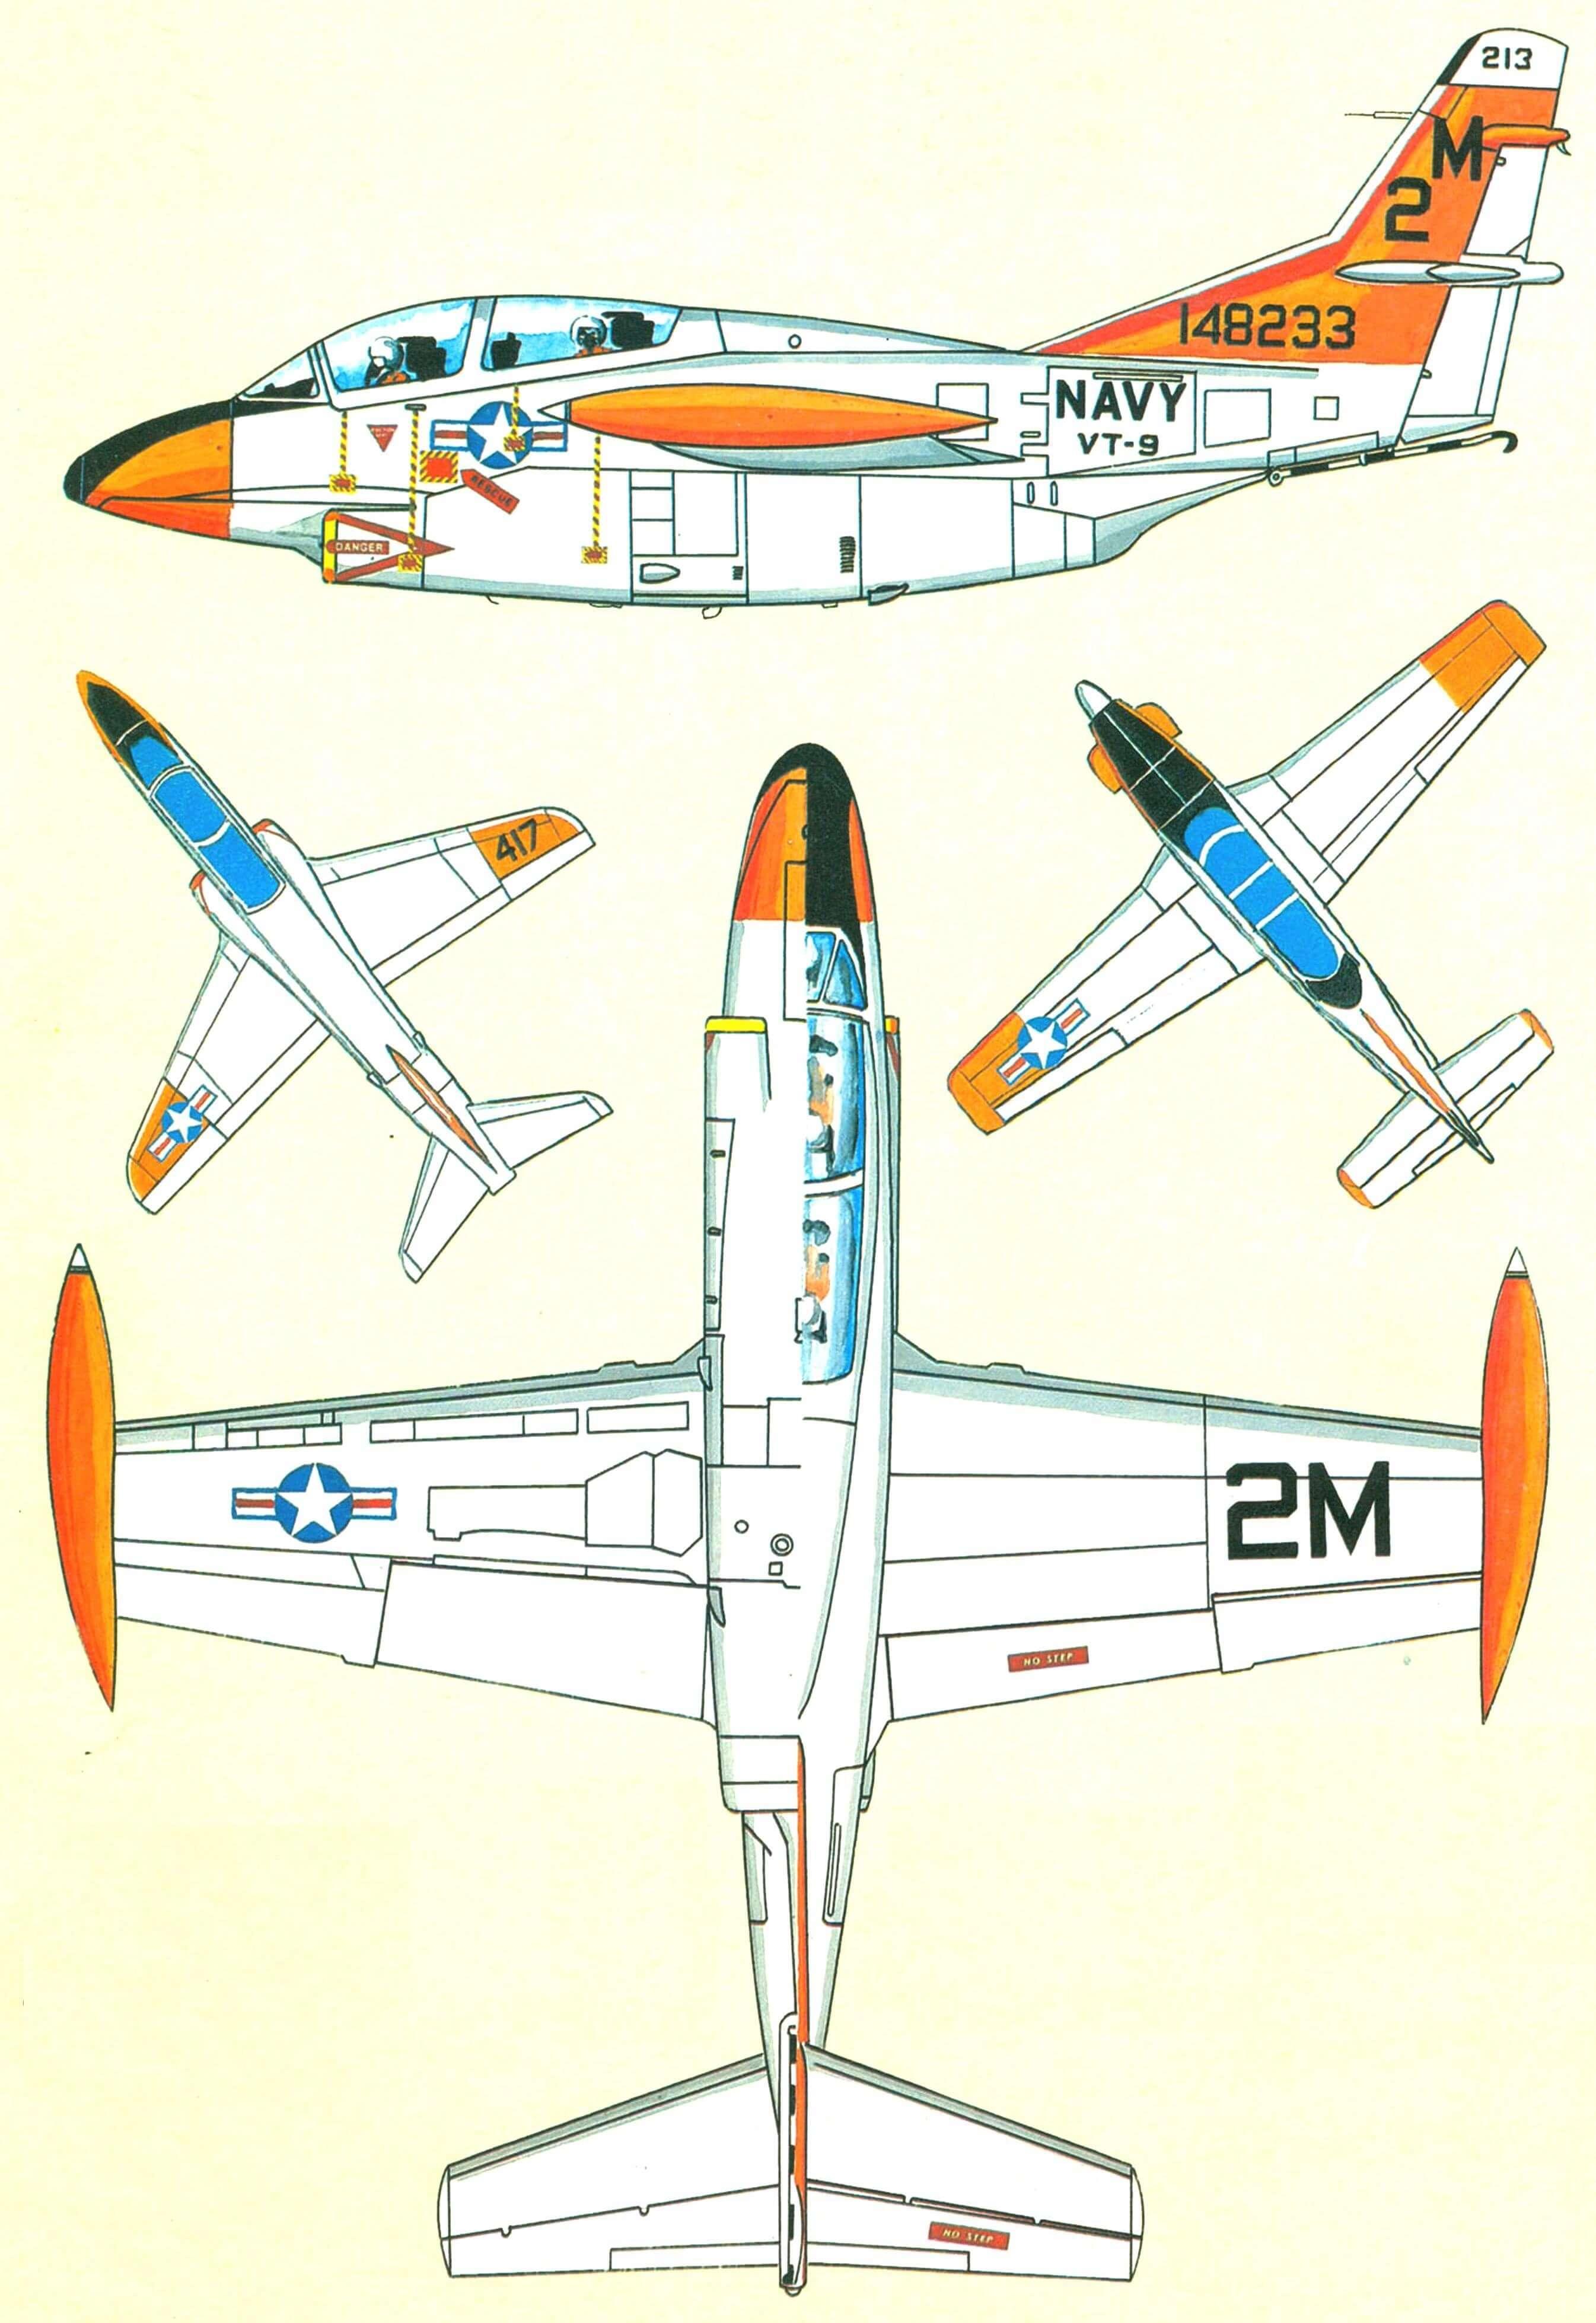 ЛЕТАЮЩИЕ «ПАРТЫ» (Палубные учебно-тренировочные самолеты)